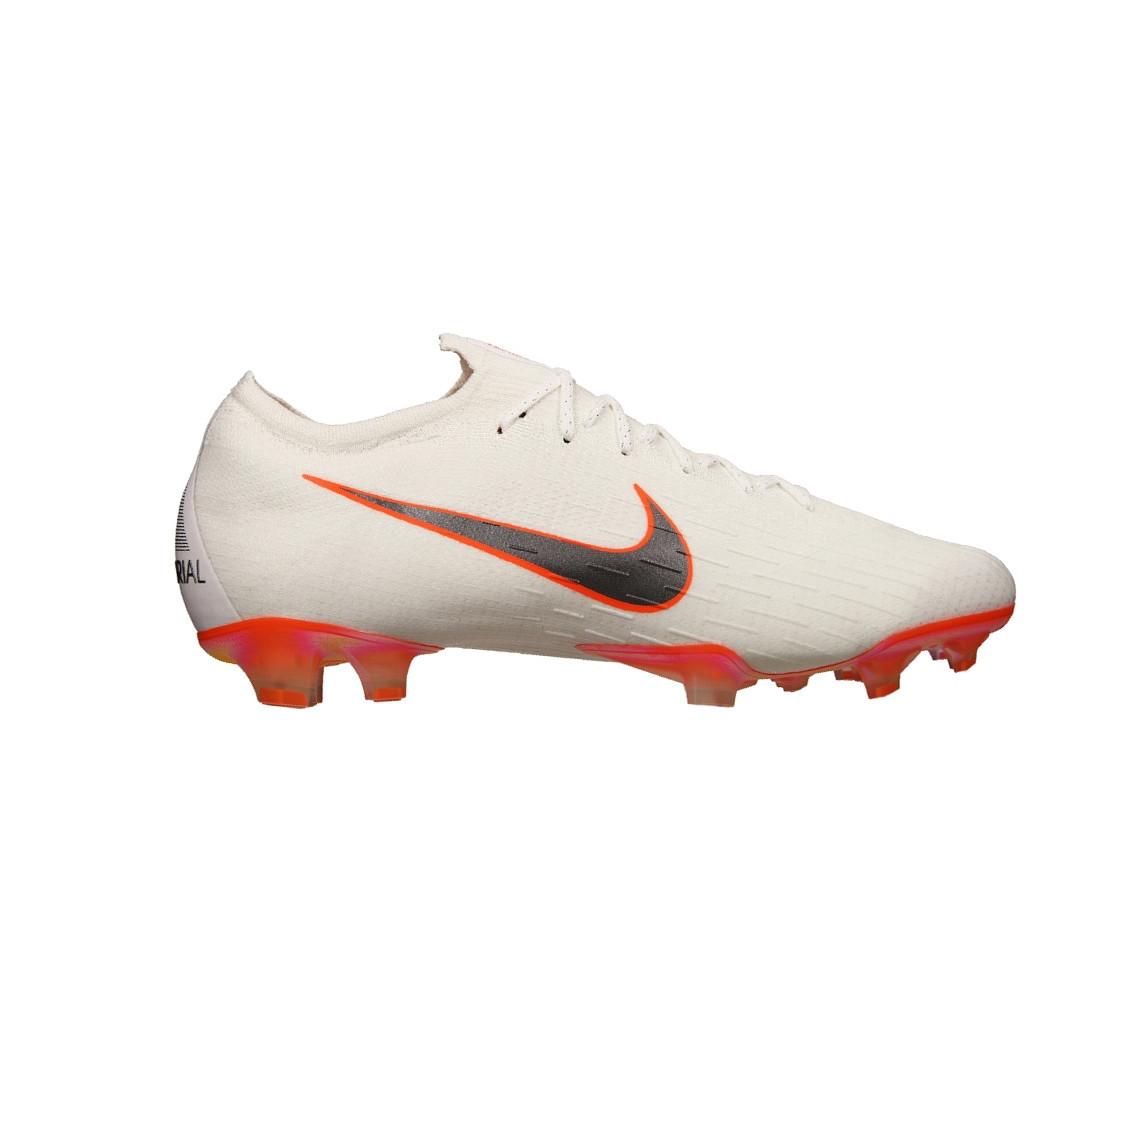 e8ed5165 Профессиональные бутсы Nike Vapor 12 Elite FG AH7380-107 45.5, цена 5 600  грн., купить Днипро — Prom.ua (ID#949245906)